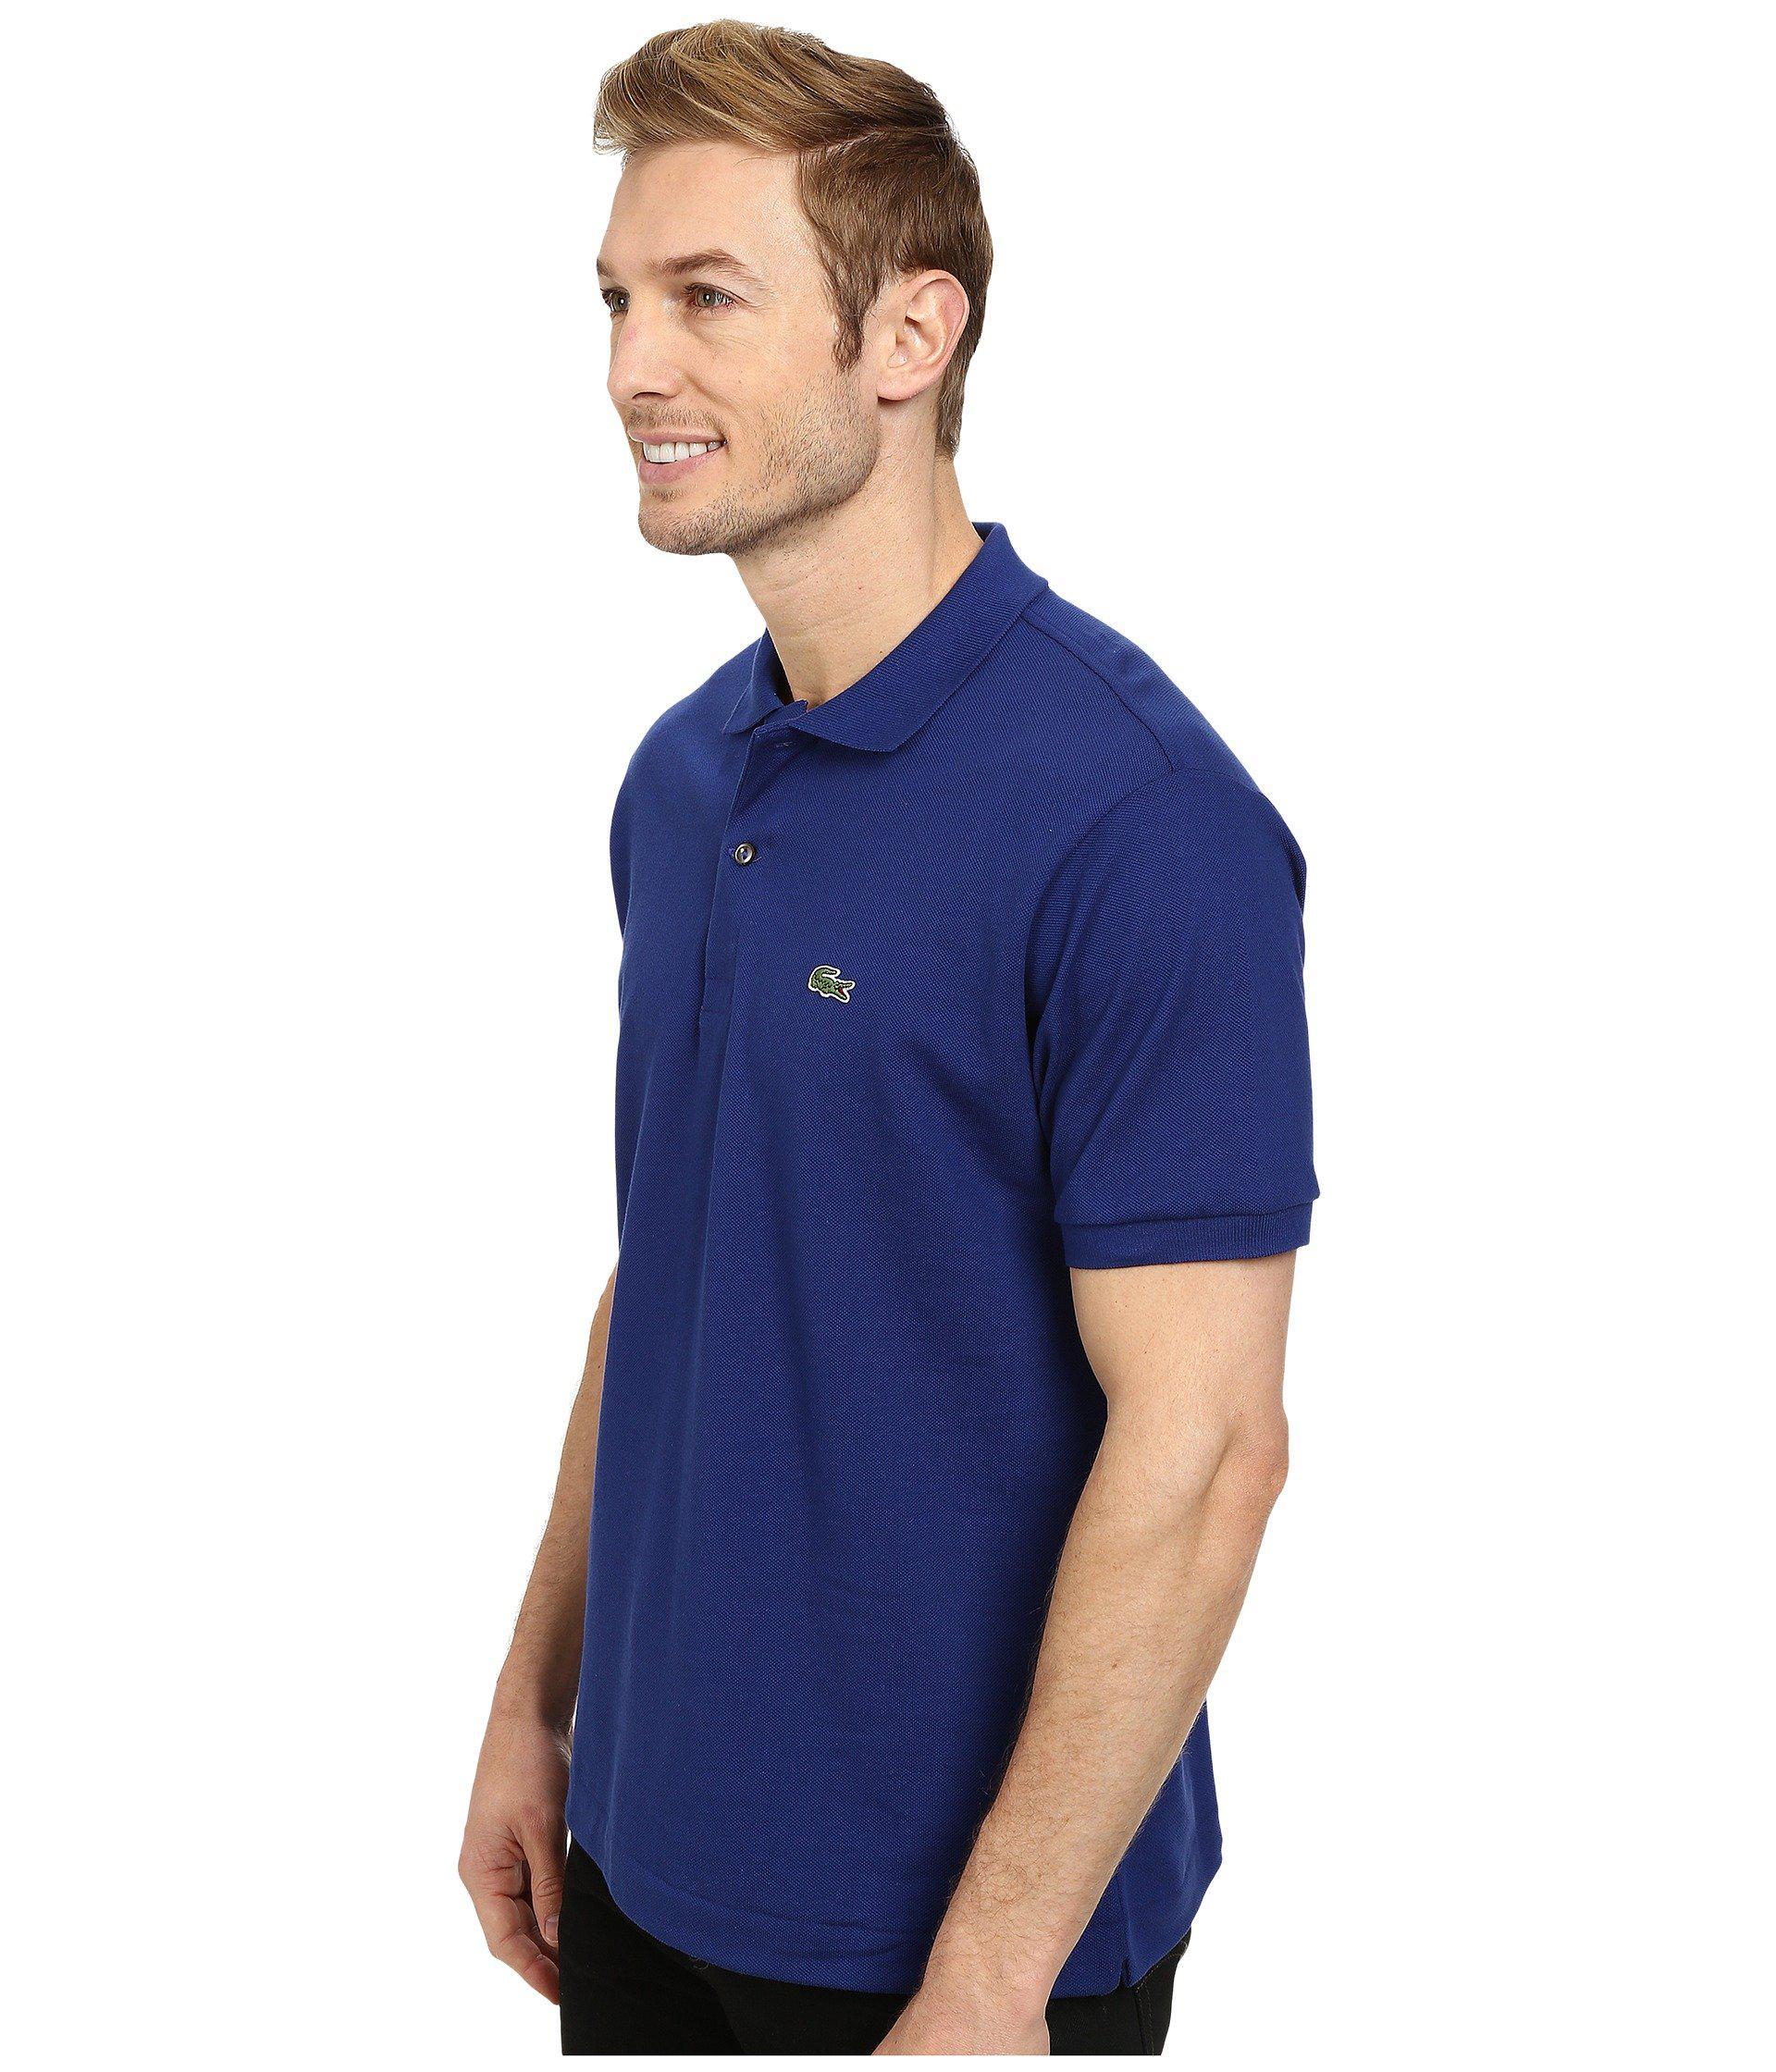 e7e9595d Lyst - Lacoste L1212 Classic Pique Polo Shirt in Blue for Men